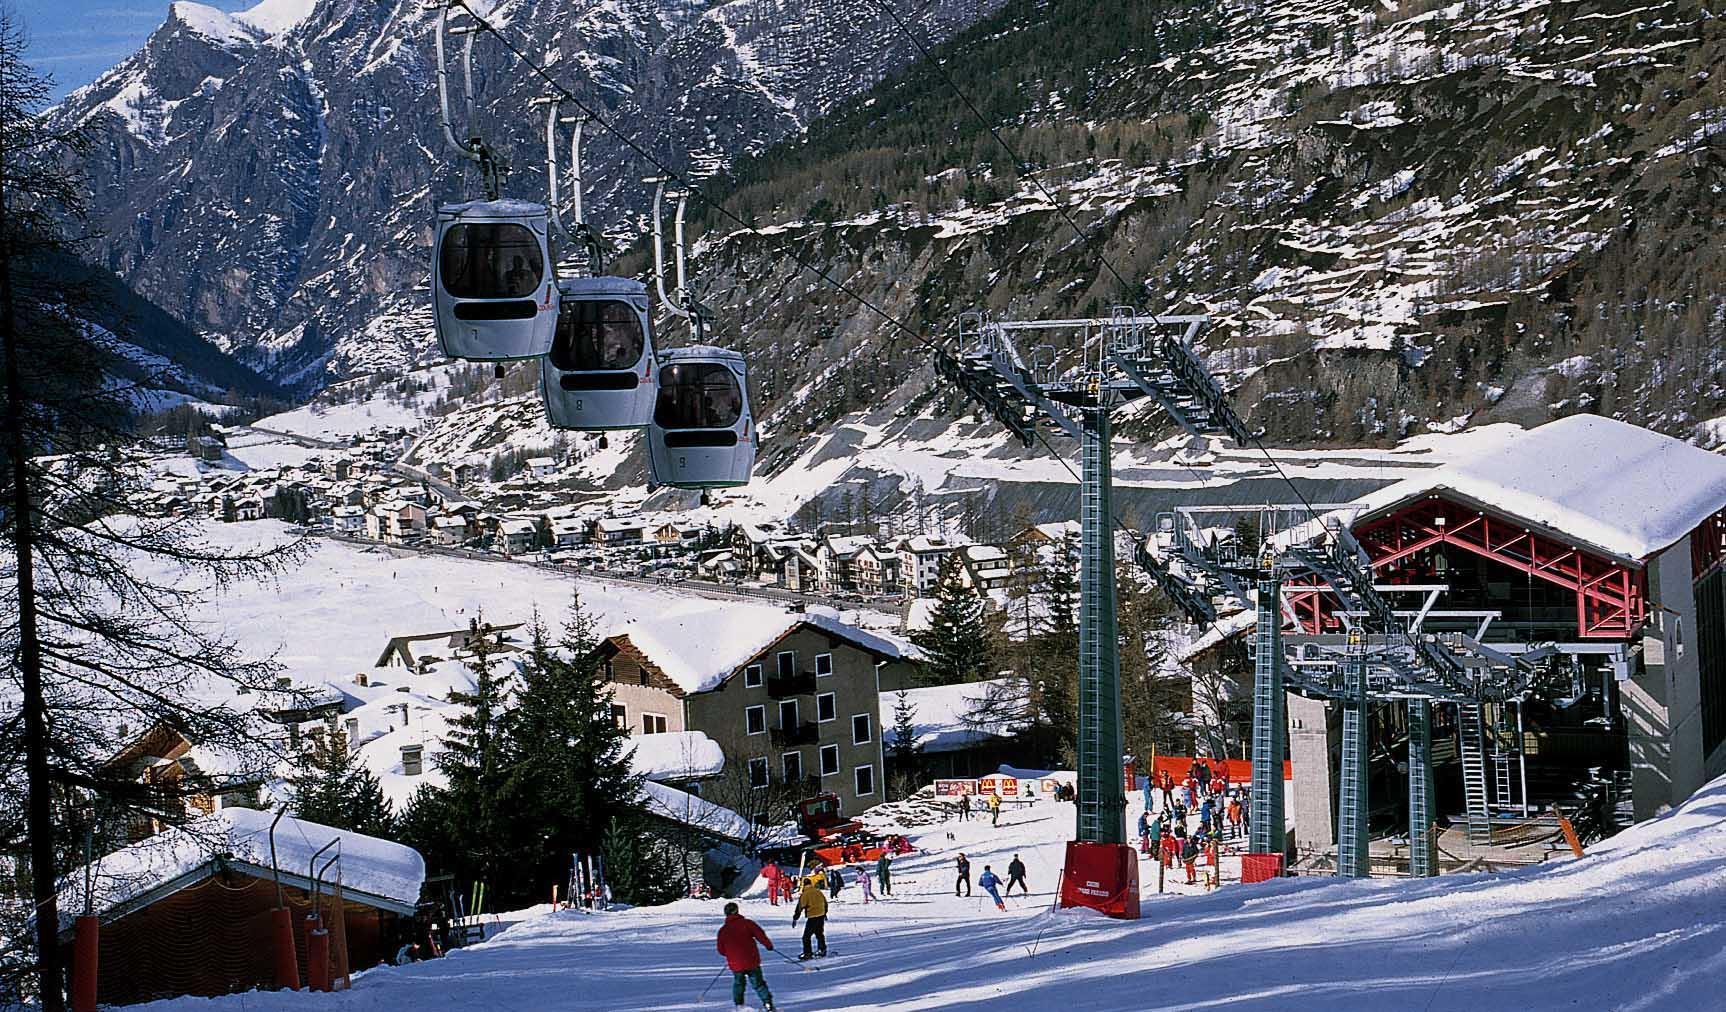 Cogne, paradiso dello sci da fondo - Cogne     - Visit Italy